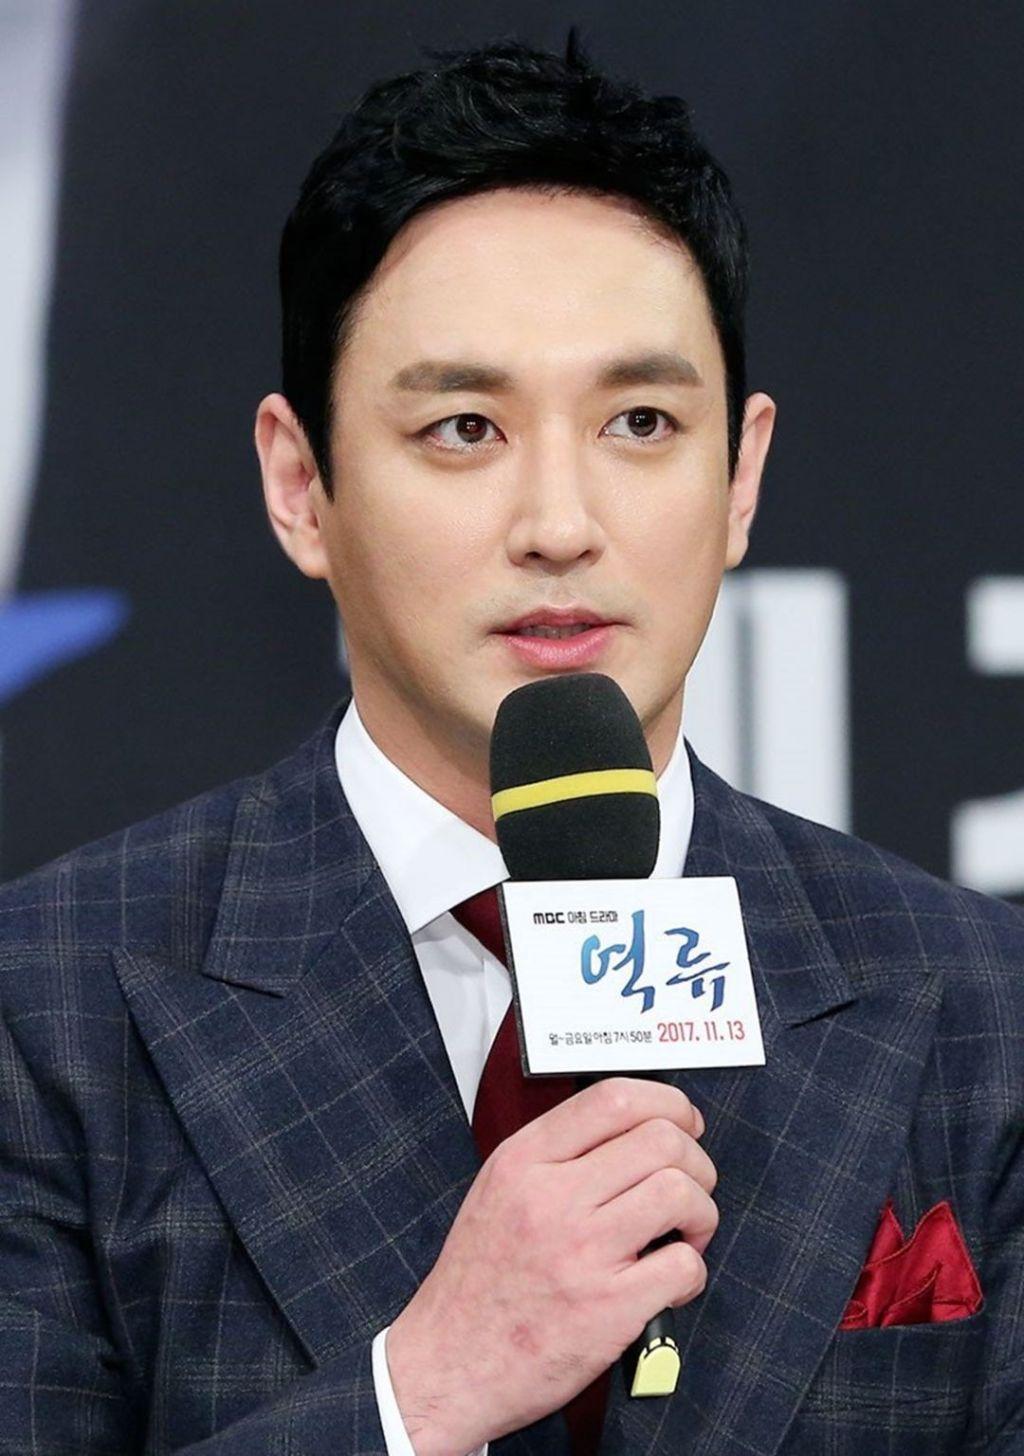 Lee Jae Hwang